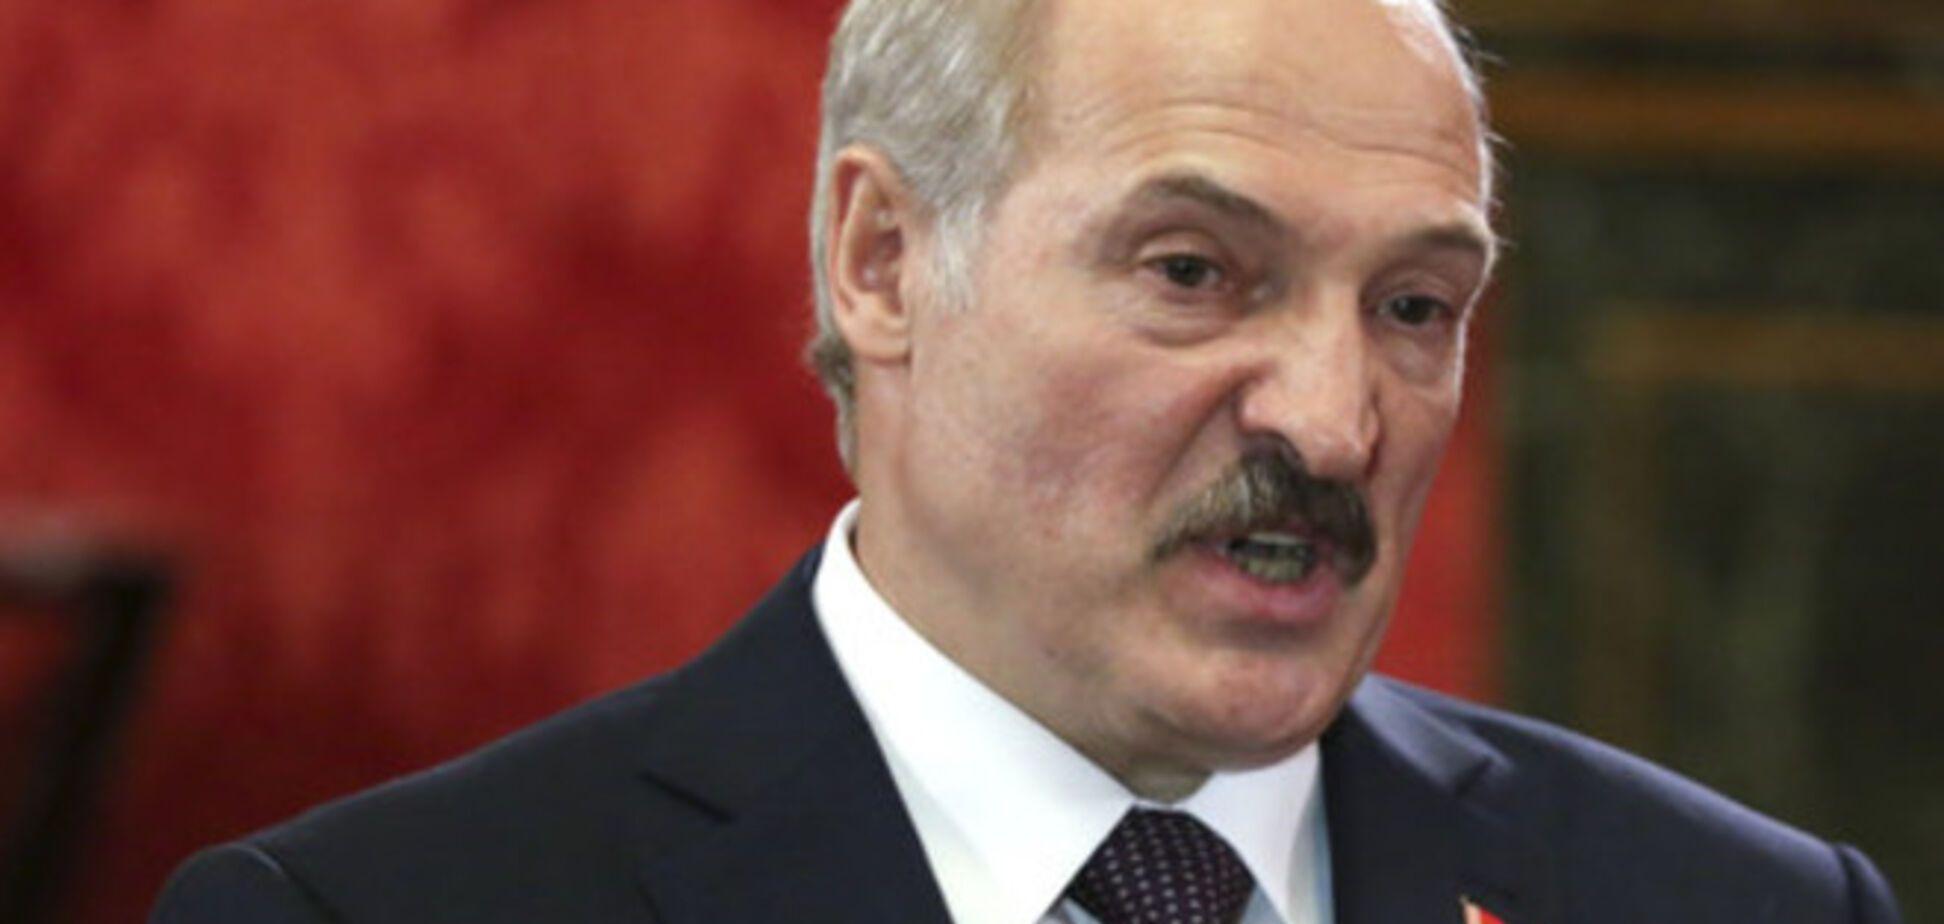 Накануне президентских выборов Лукашенко расширяет полномочия силовиков